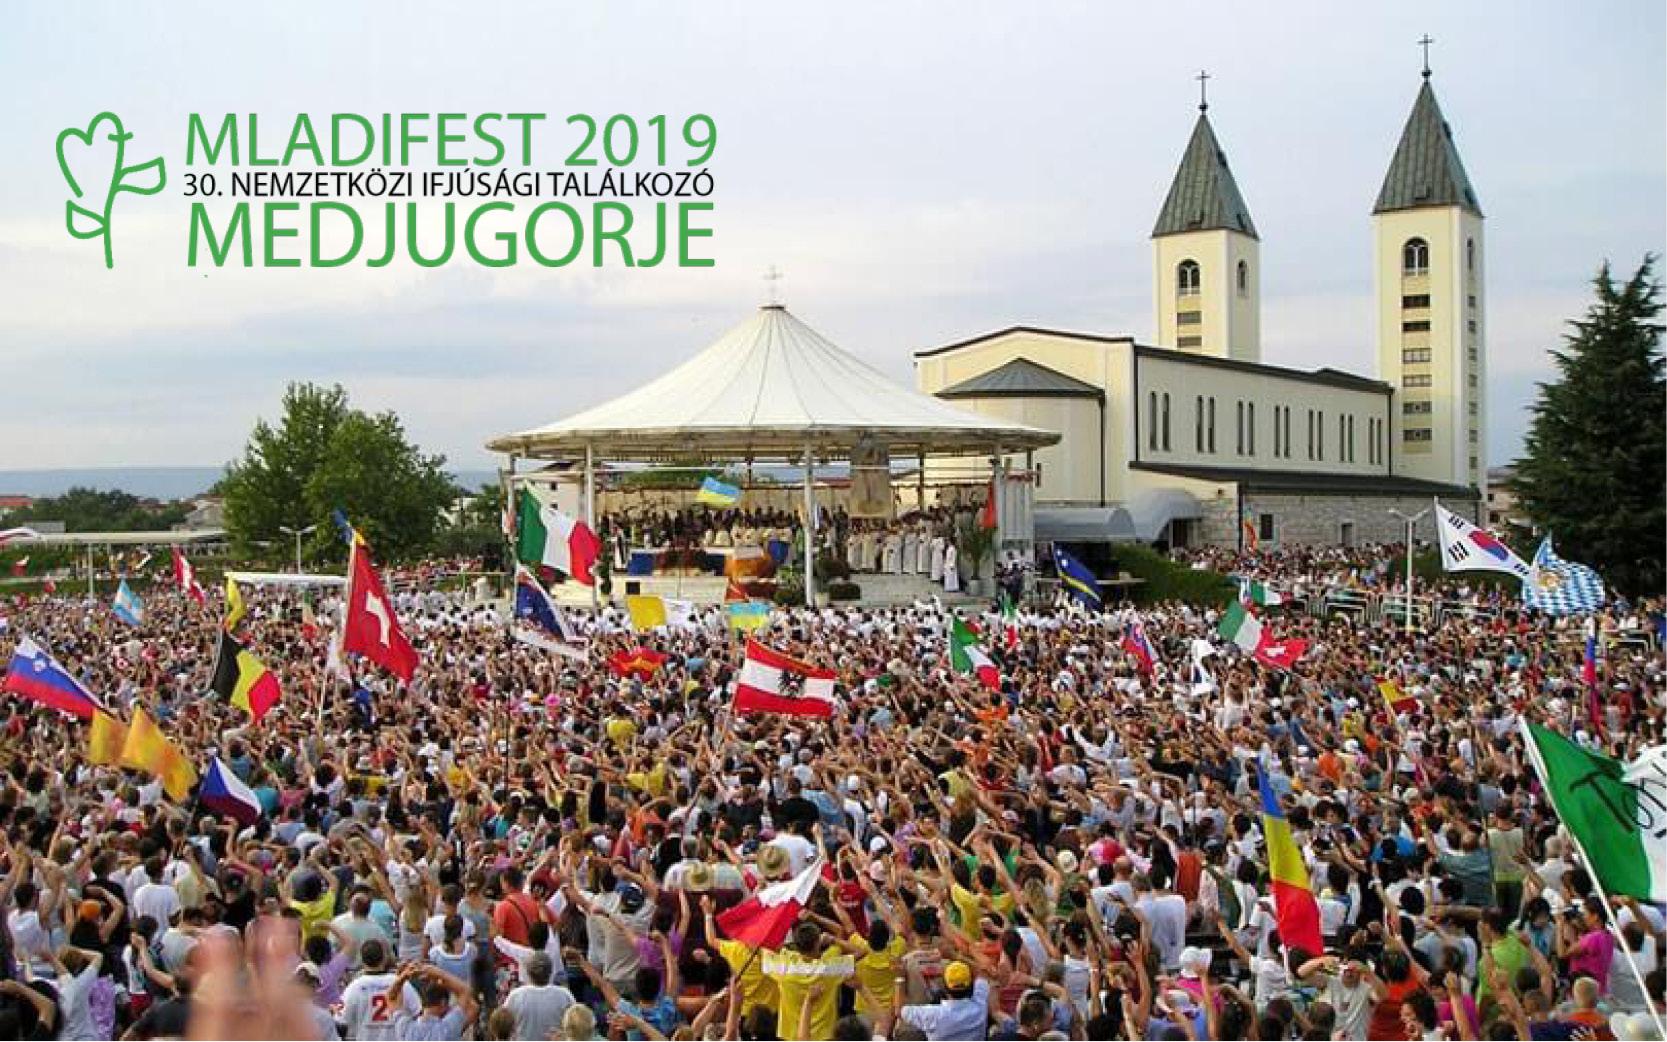 """Képtalálat a következőre: """"medjugorje mladifest 2019"""""""